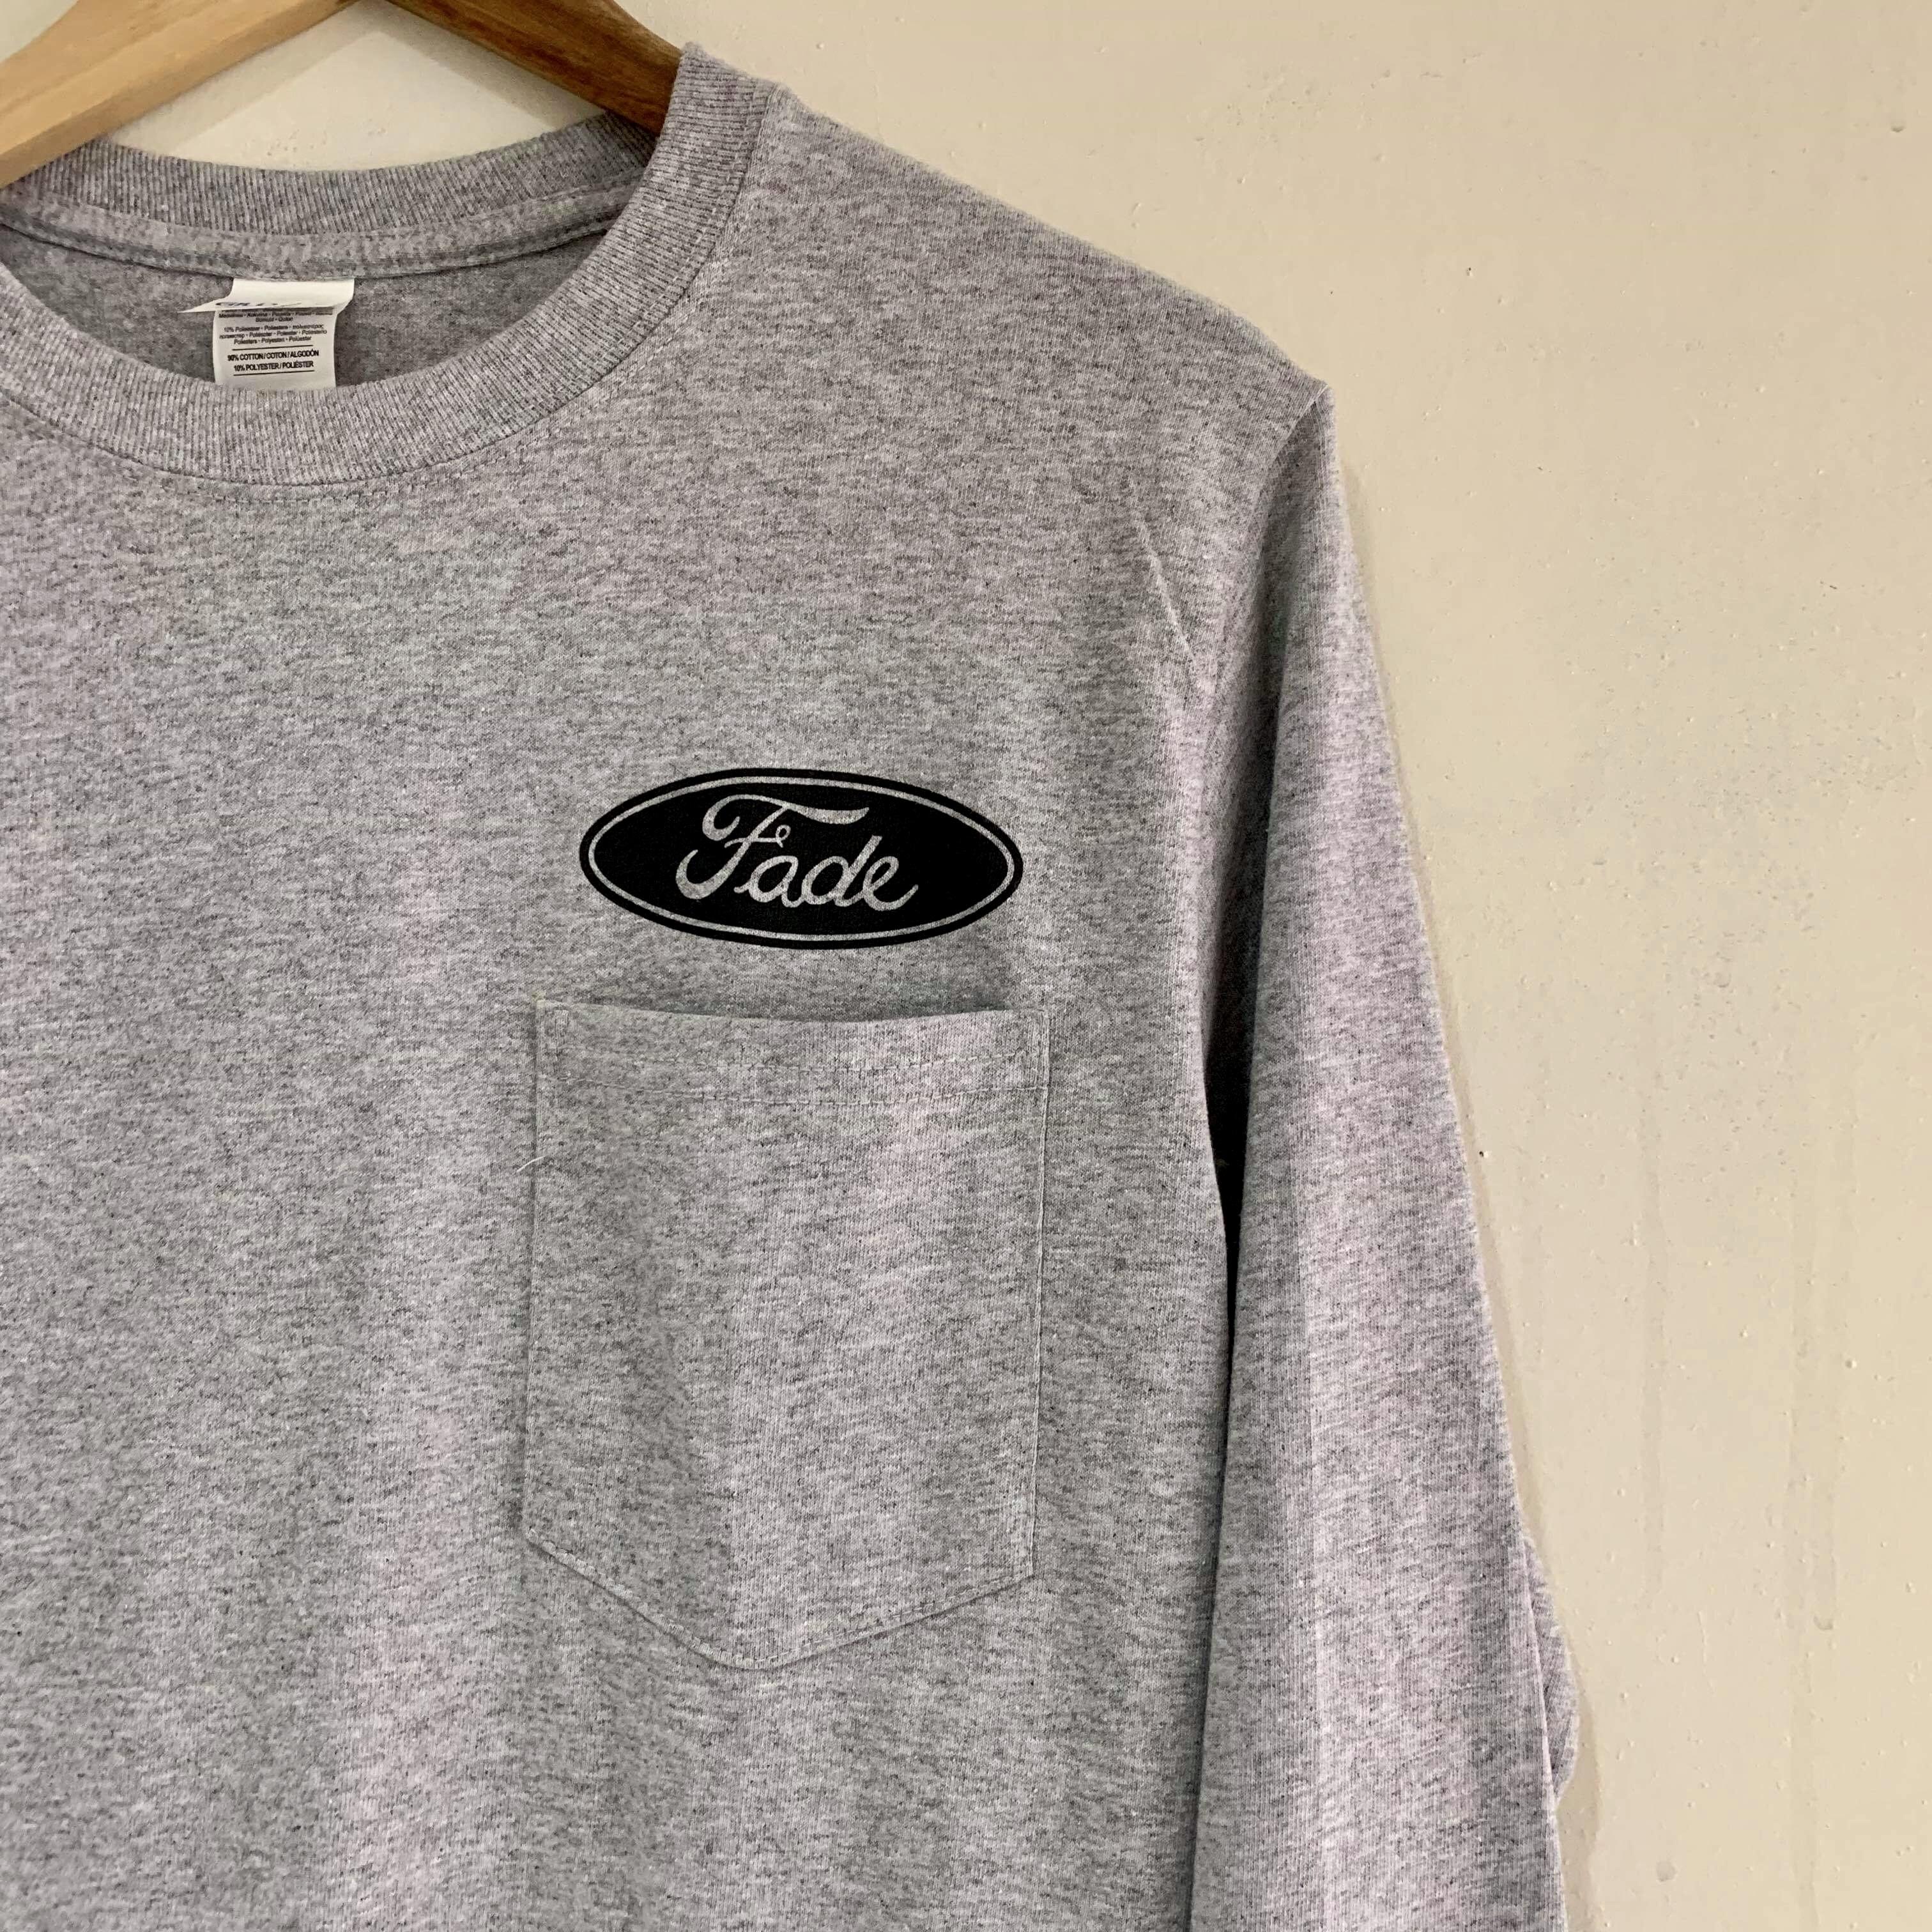 【ラス1になりました】Fade ロングTシャツ缶バッジ付 グレーxブラックロゴ